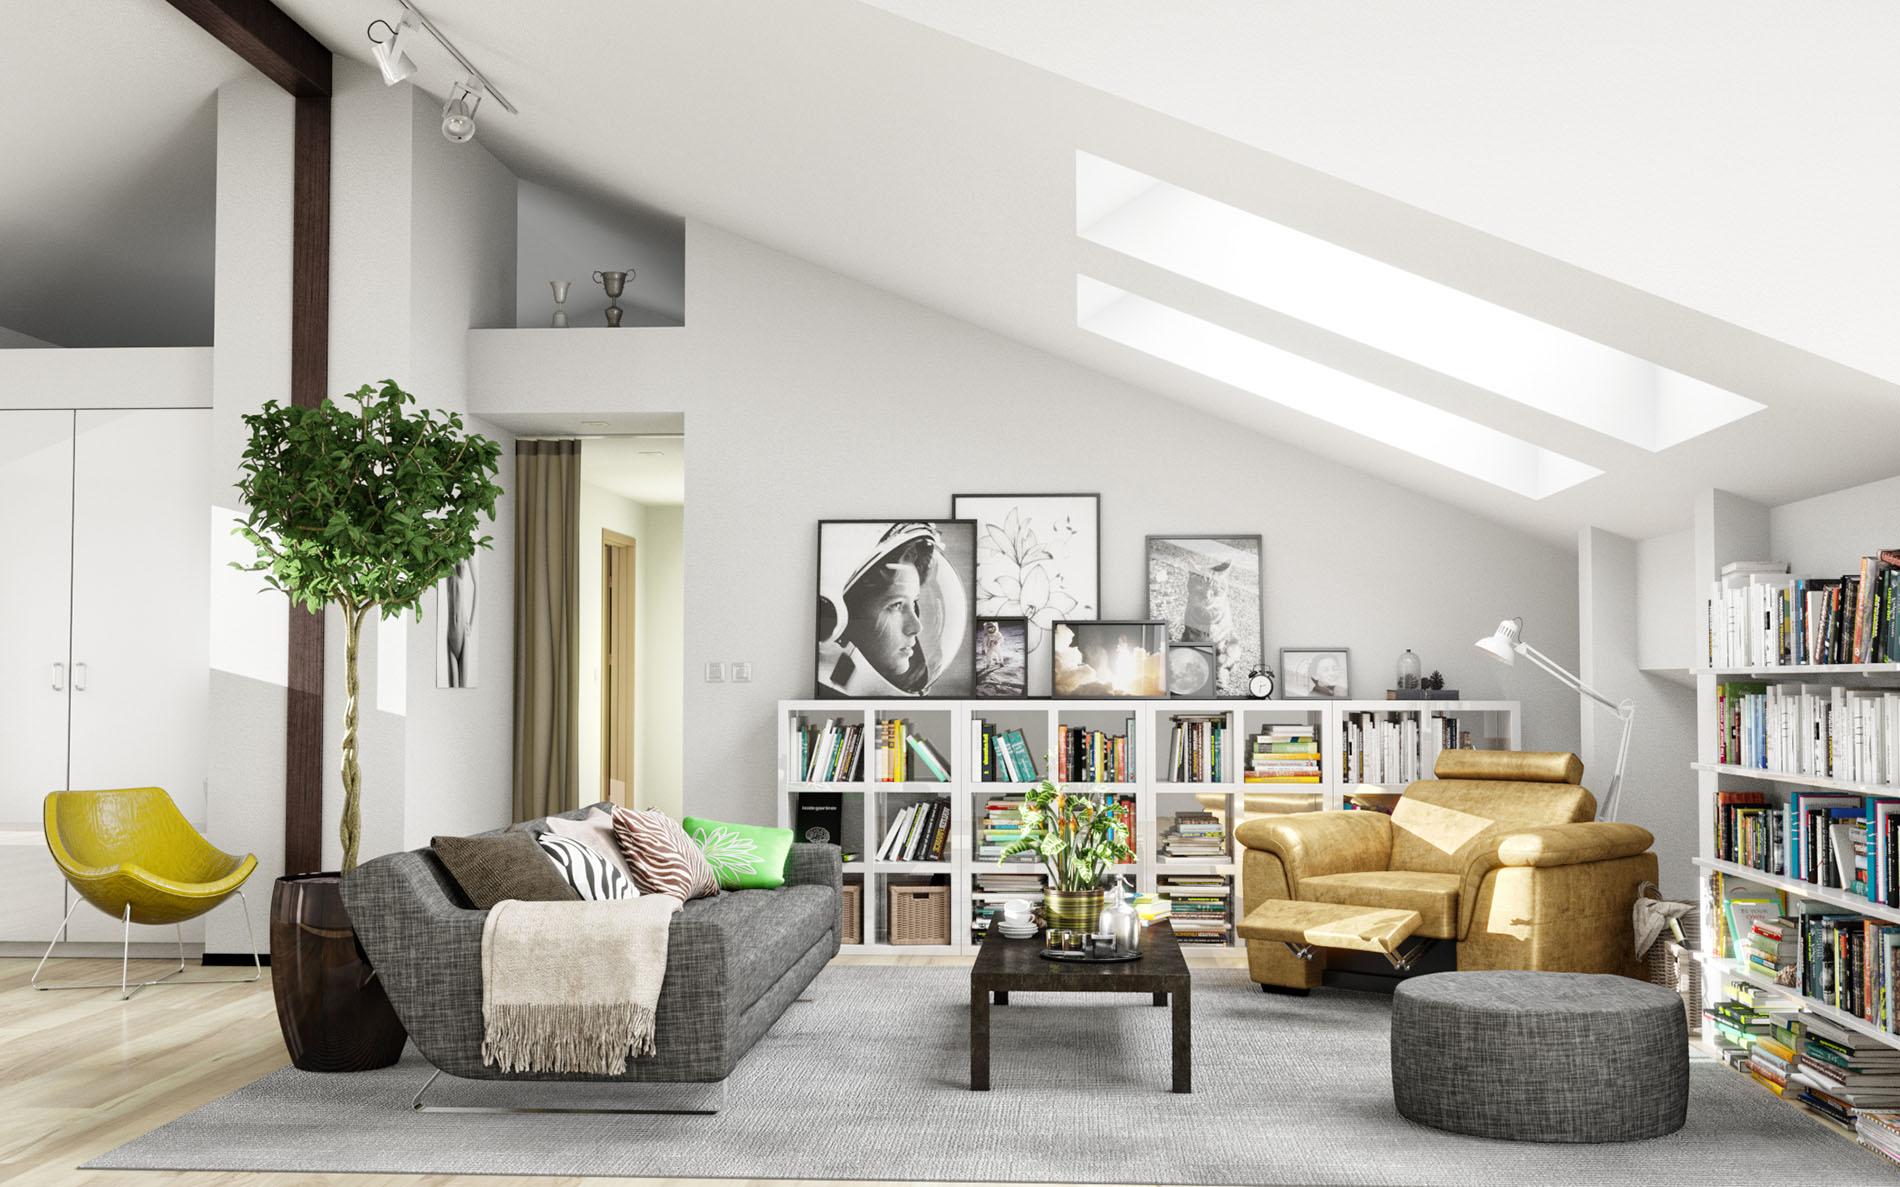 architecture int rieur 3d florian benedetto directeur artistique motion designer 2d 3d. Black Bedroom Furniture Sets. Home Design Ideas